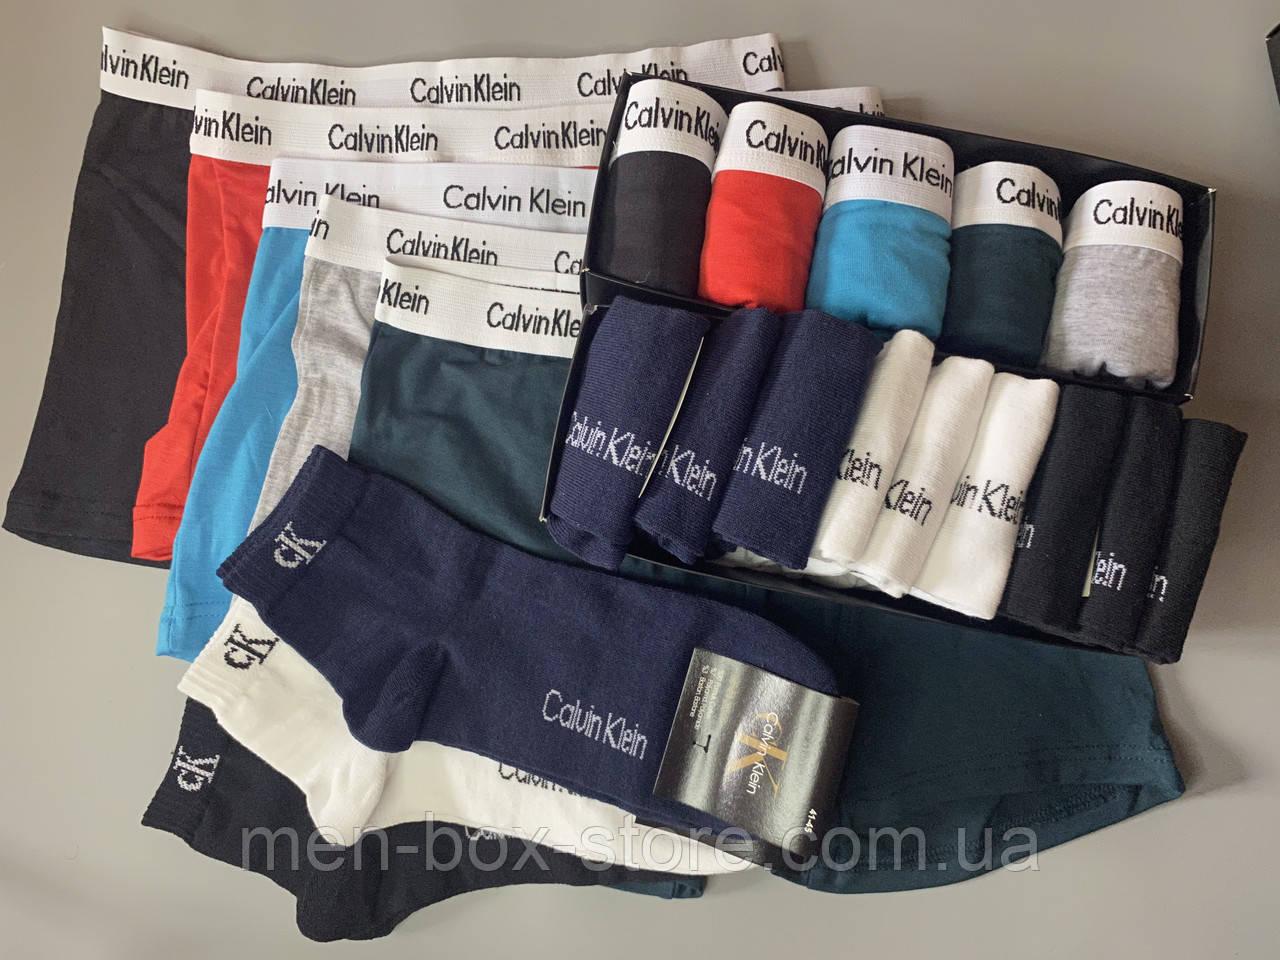 Мужские трусы боксеры и носки (5 шт.) + носки (8 пар).(в подарочных коробках. Трусы транки боксеры шорты 1 XXL